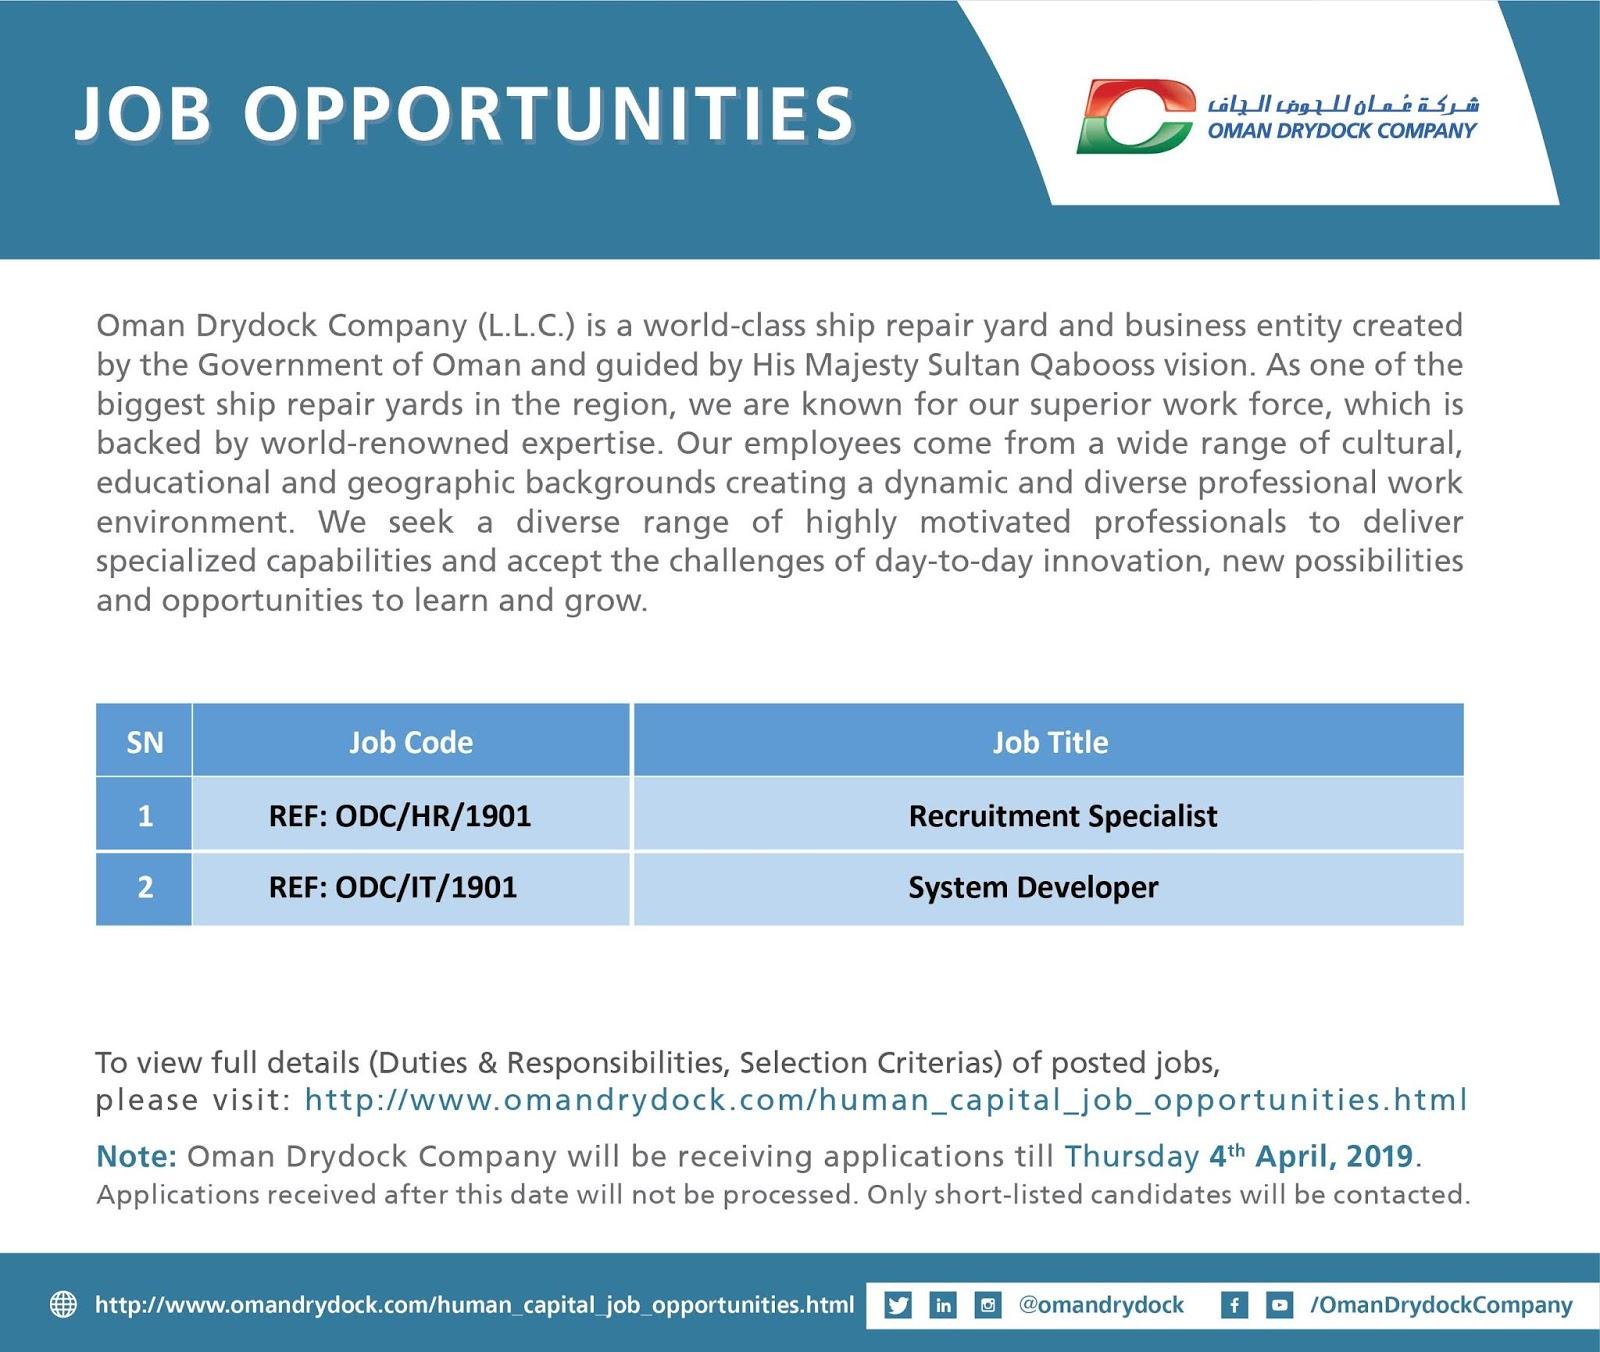 Job Alert - Job Opportunities at Oman DryDock - Duqm 1